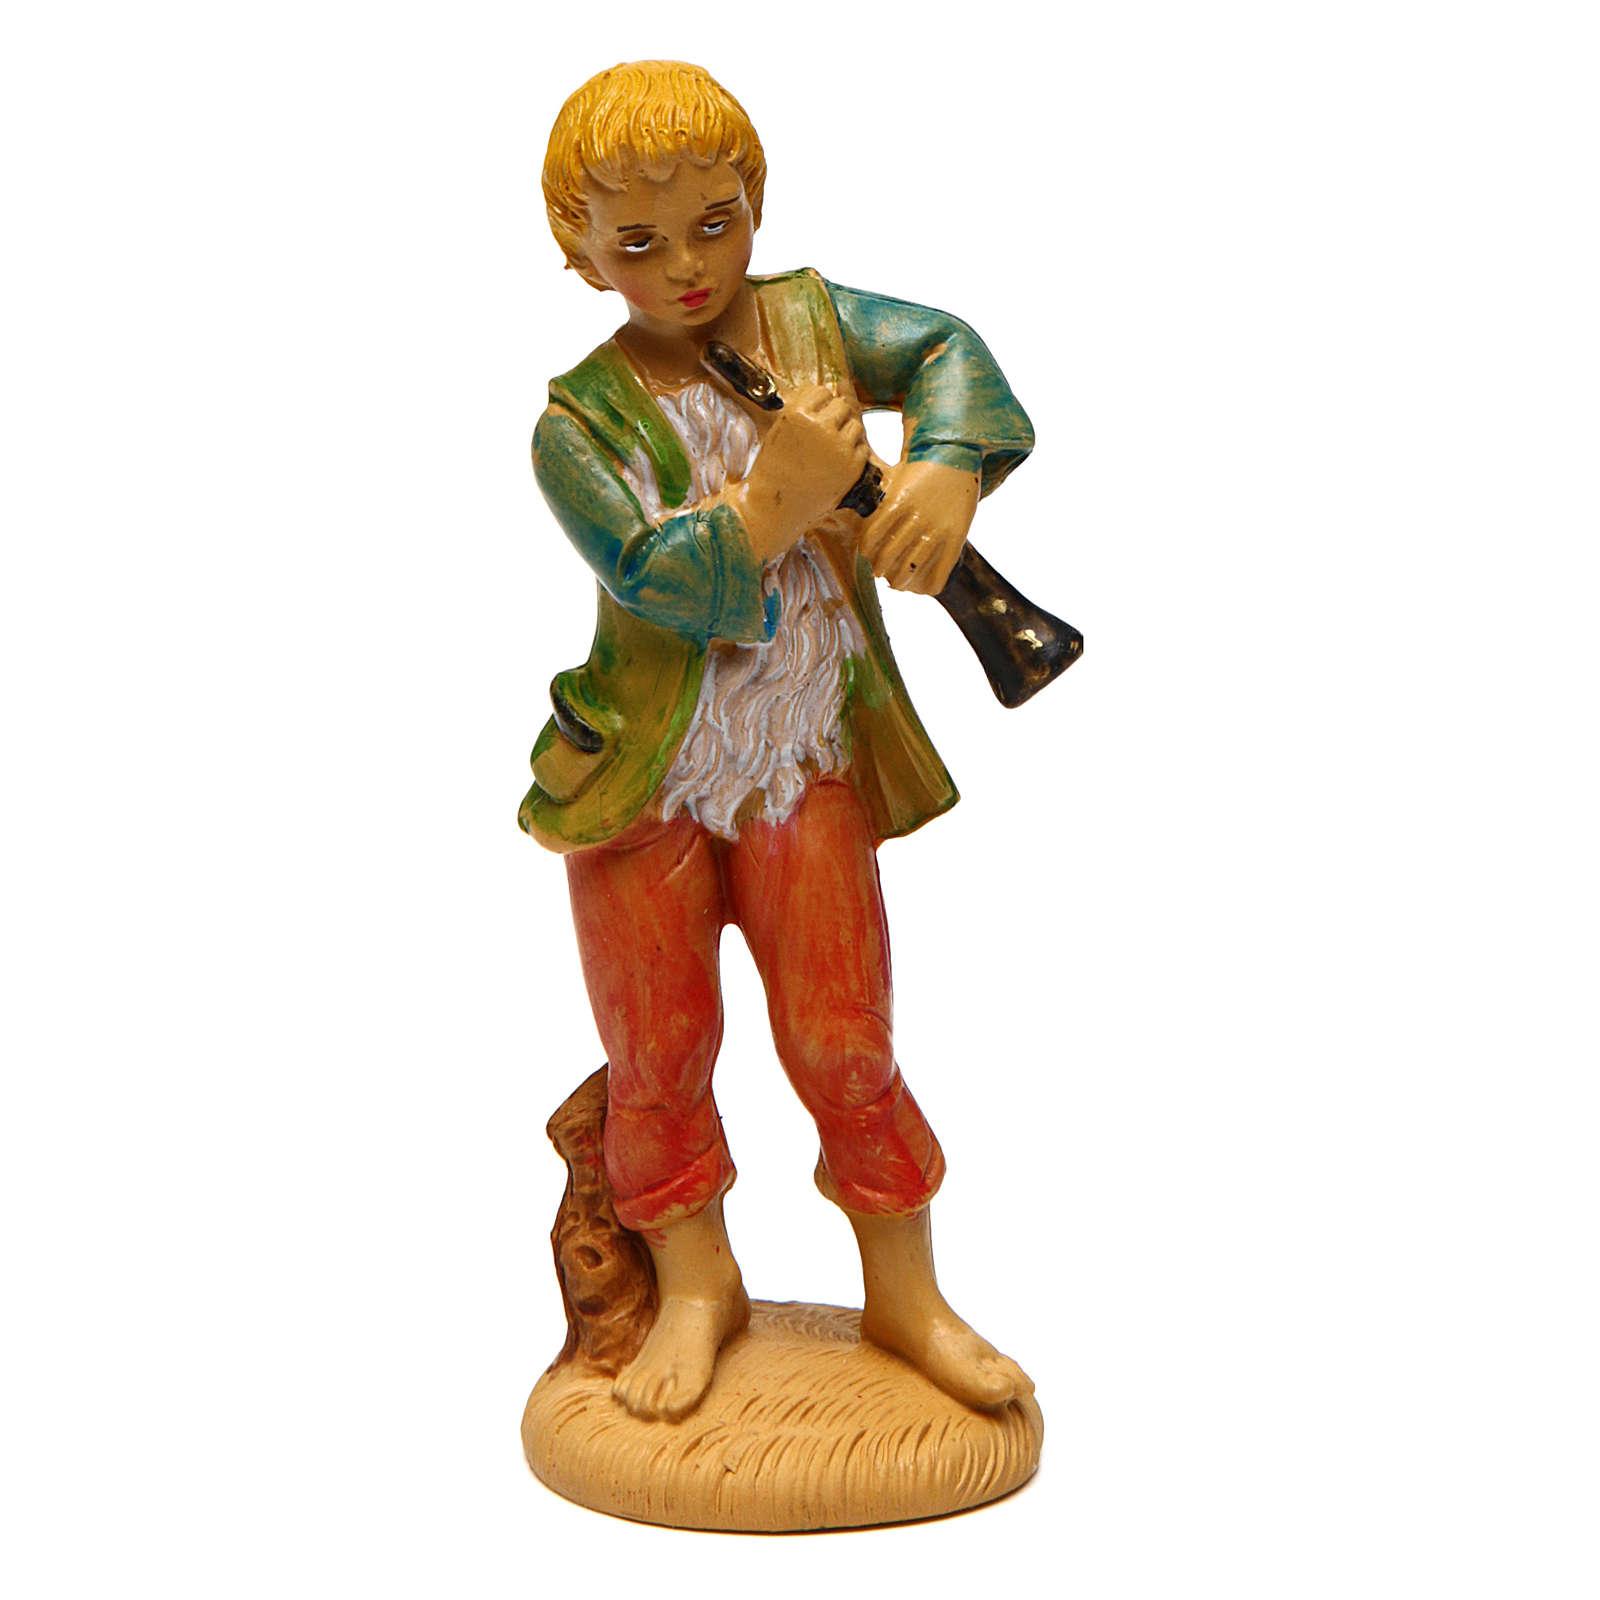 Boy with piffaro for Nativity Scene 10 cm 3